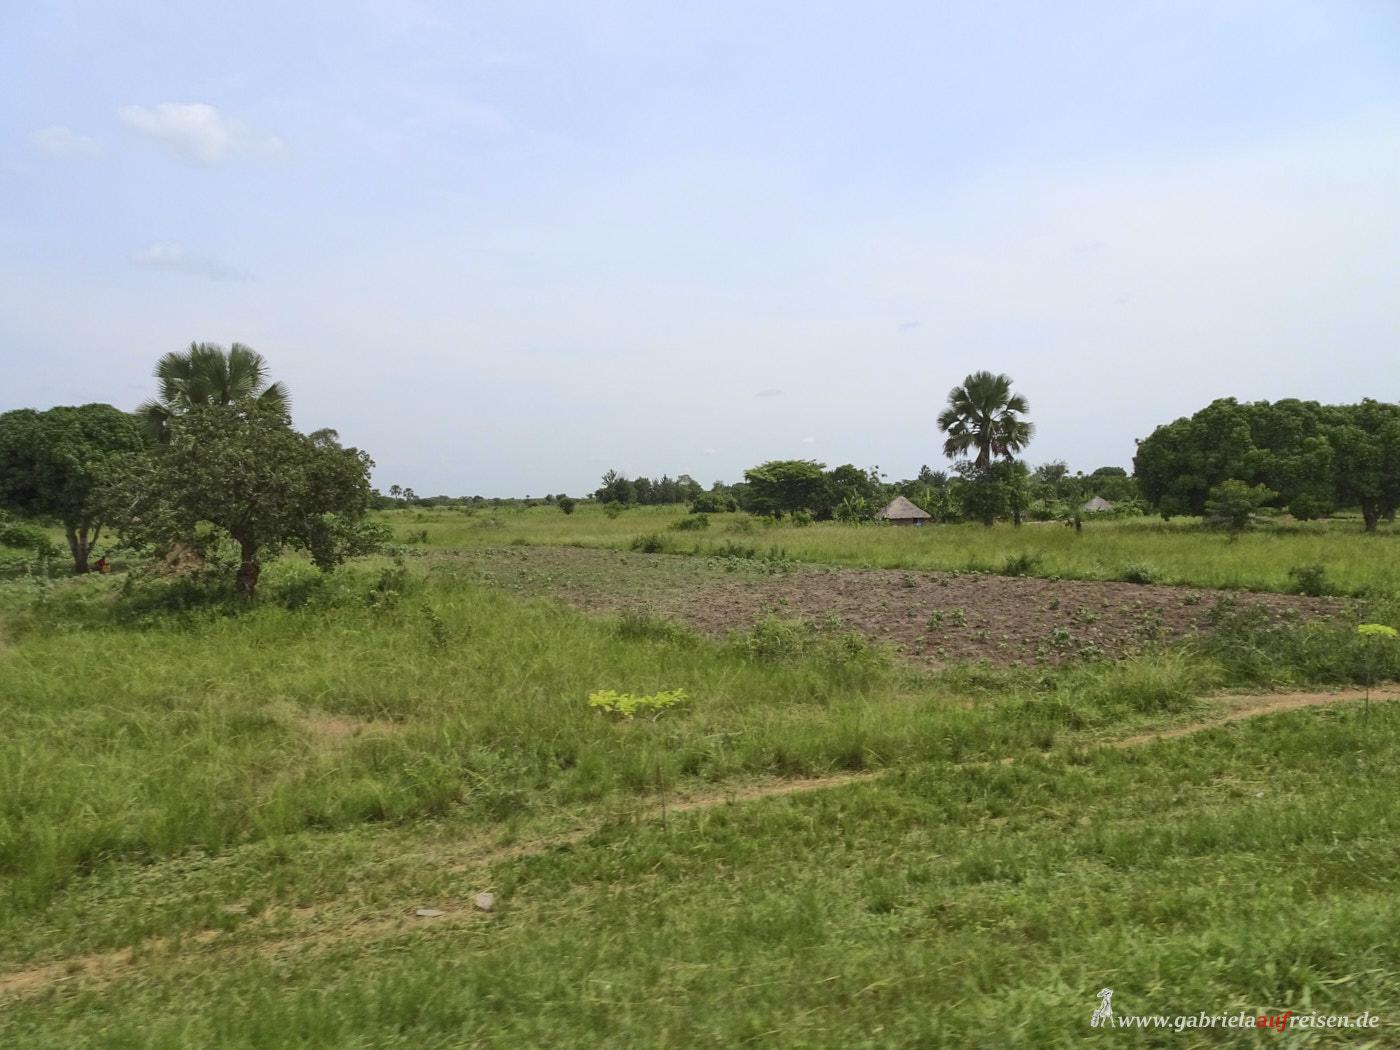 landscape in Uganda